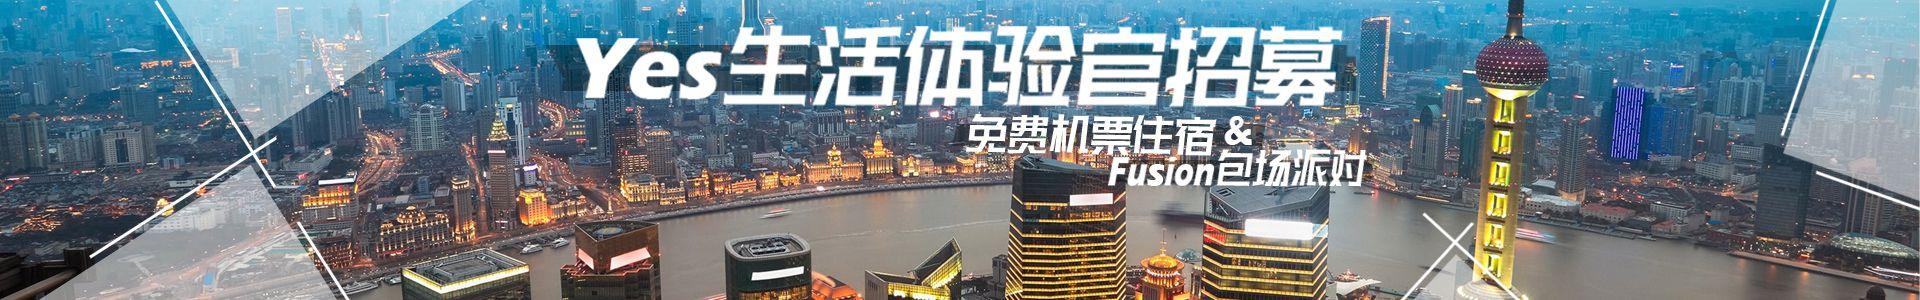 上海生活体验官